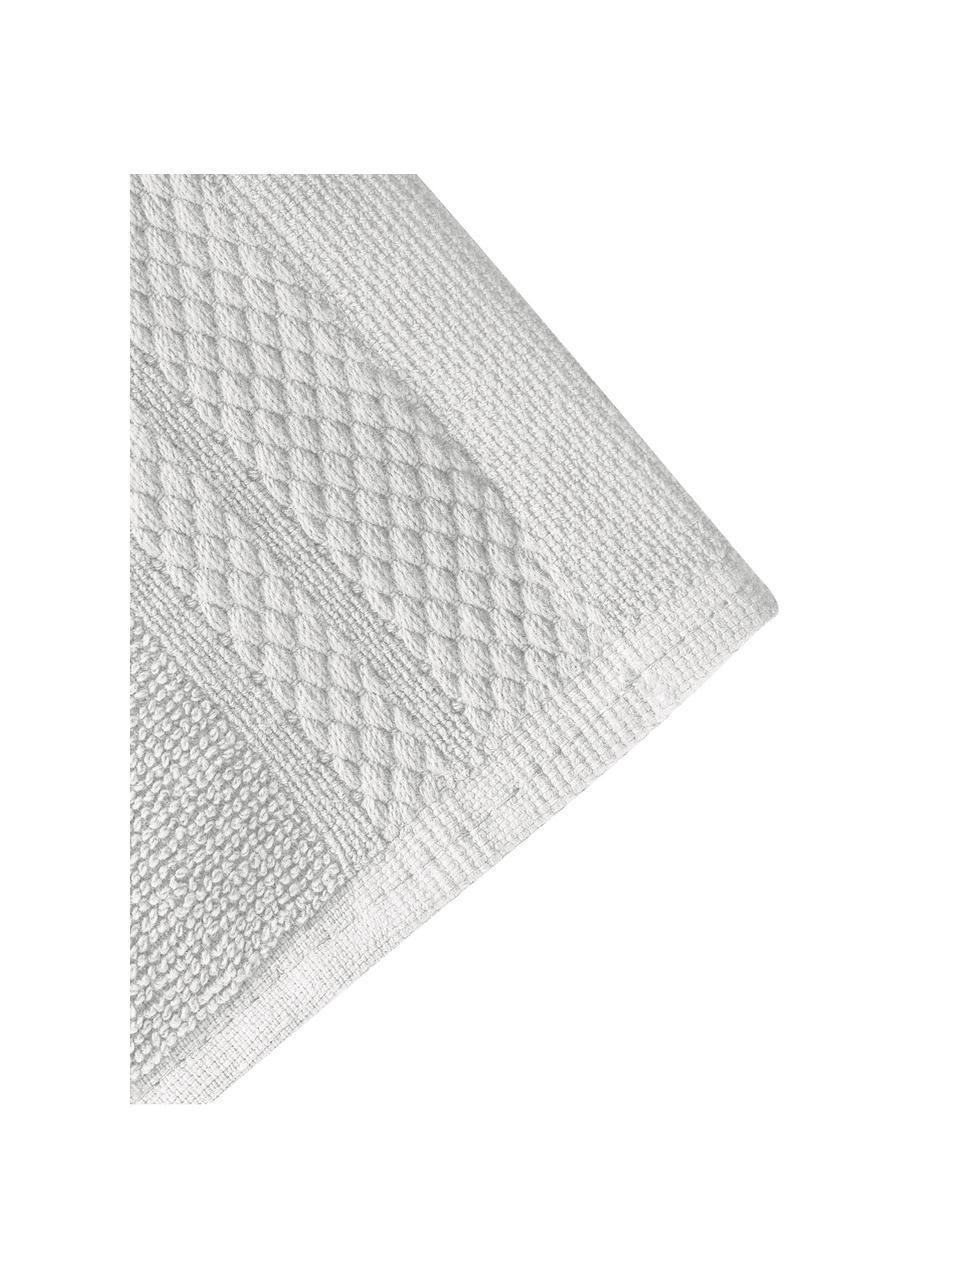 Ręcznik Premium, różne rozmiary, Jasny szary, Ręcznik do rąk